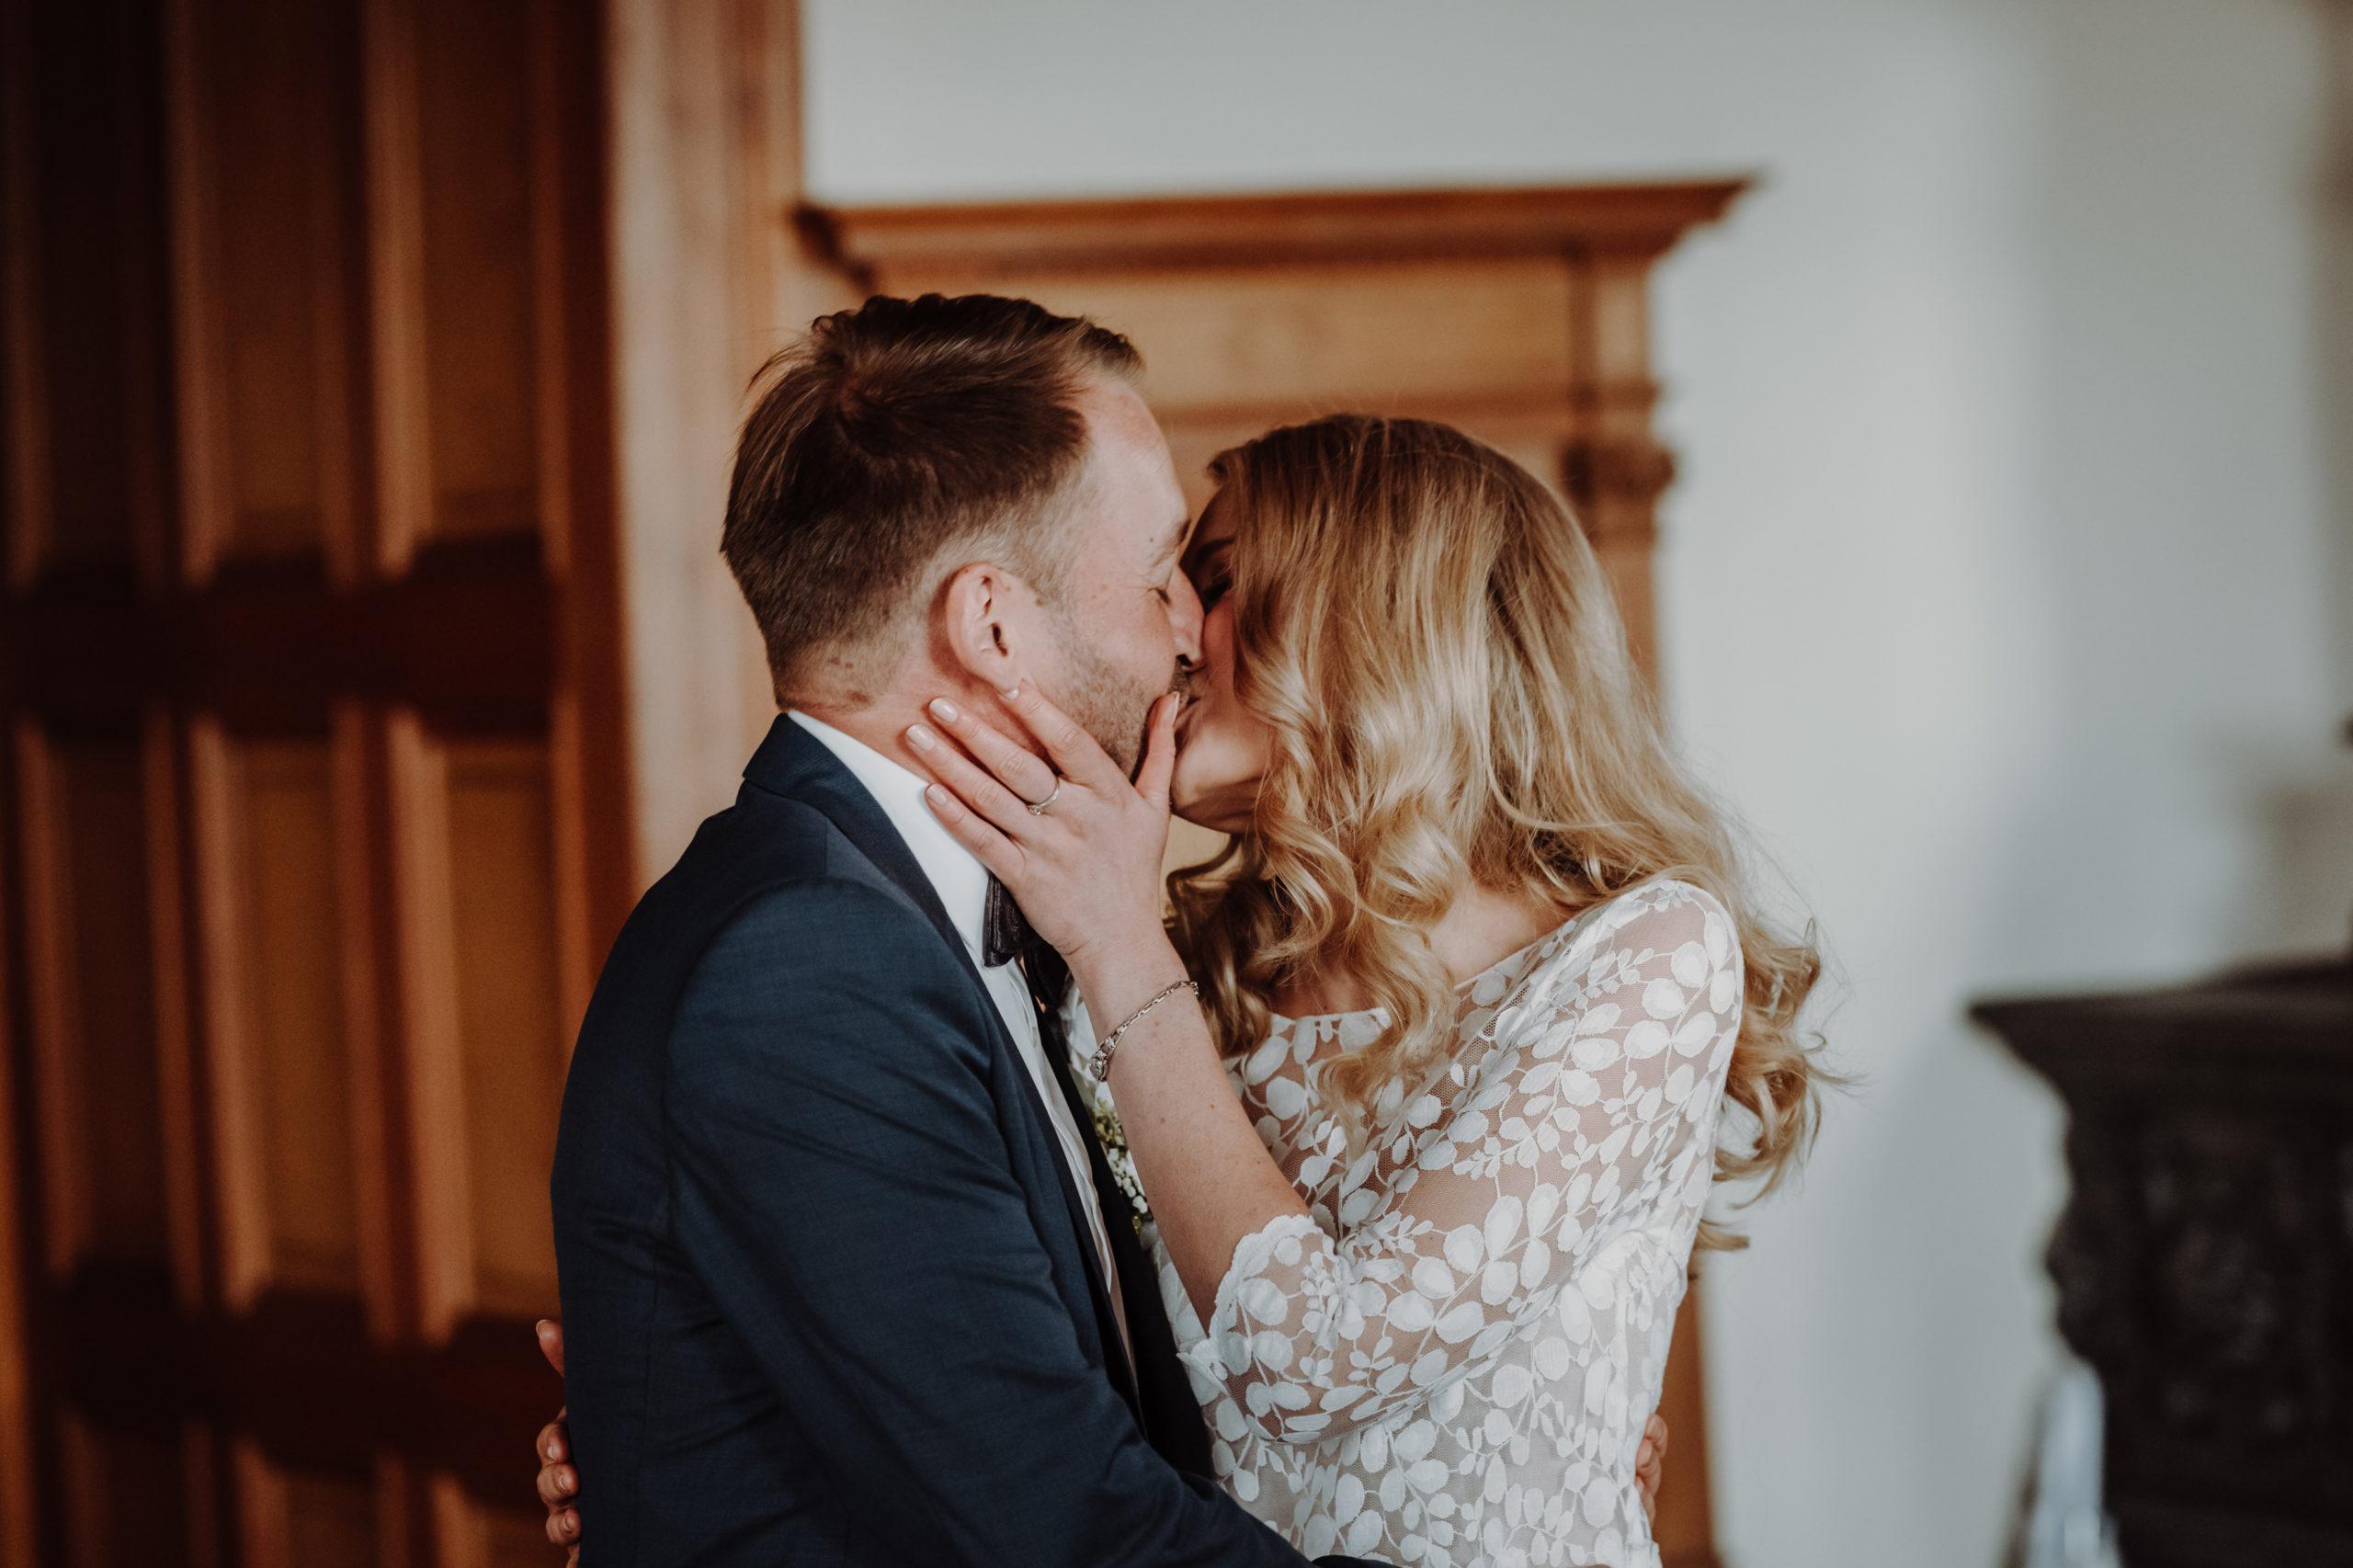 Brautpaar küsst sich im Standesamt. Sie trägt ein Brauttop mit Blätterspitze und eh ein dunkles Sakko, weißes Hemd und eine Fliege.